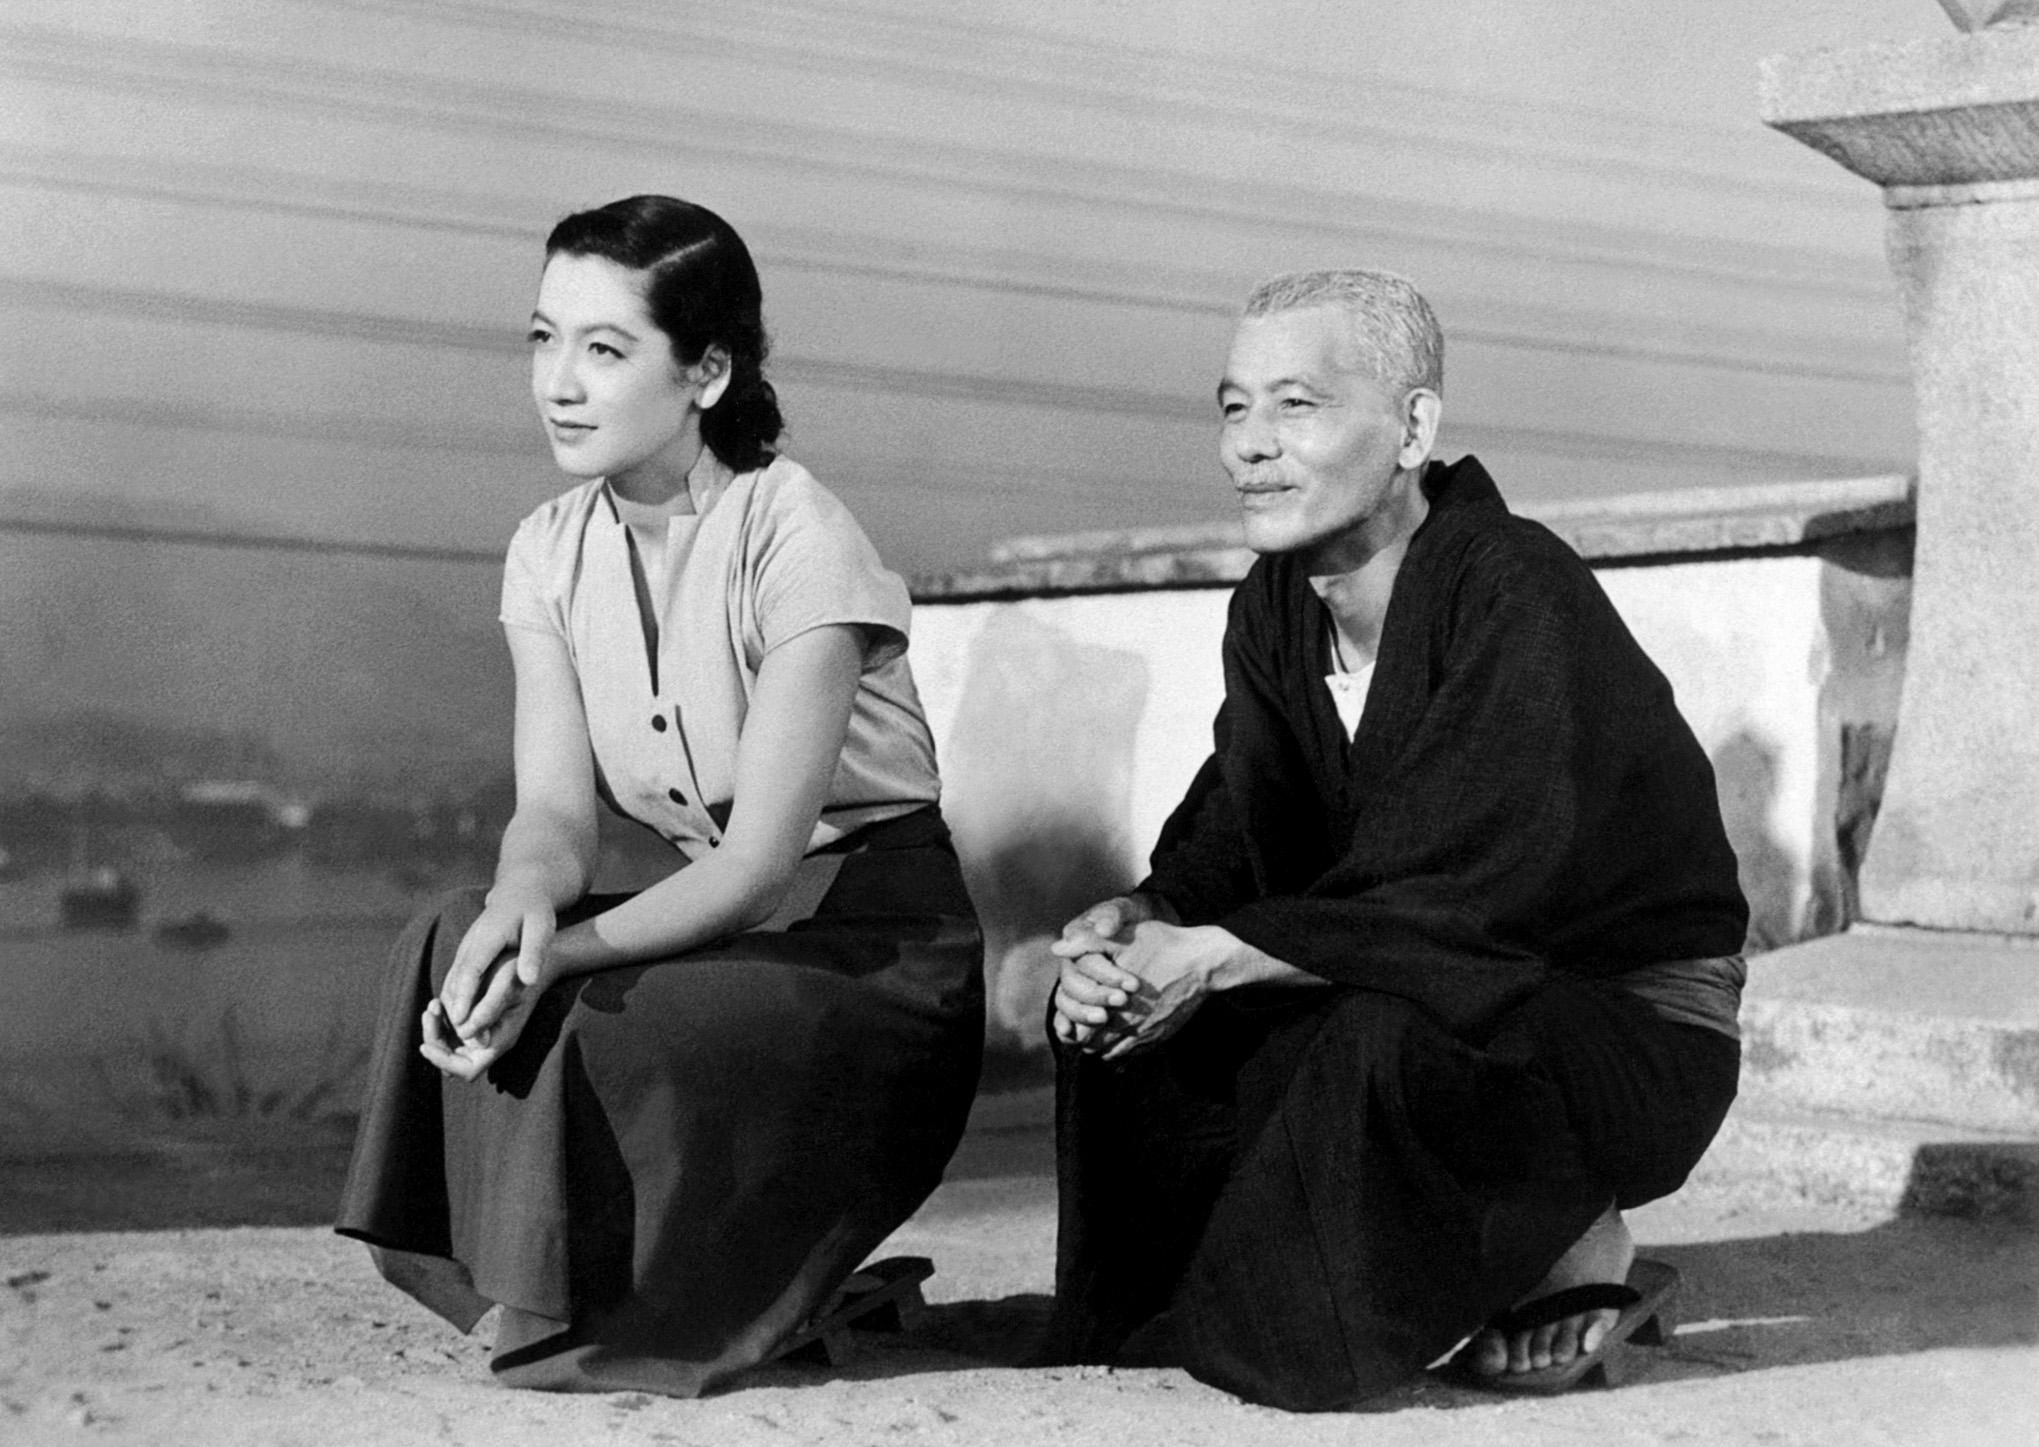 Najlepsze japońskie filmy (Tokijska opowieść, Yasujiro Ozu)